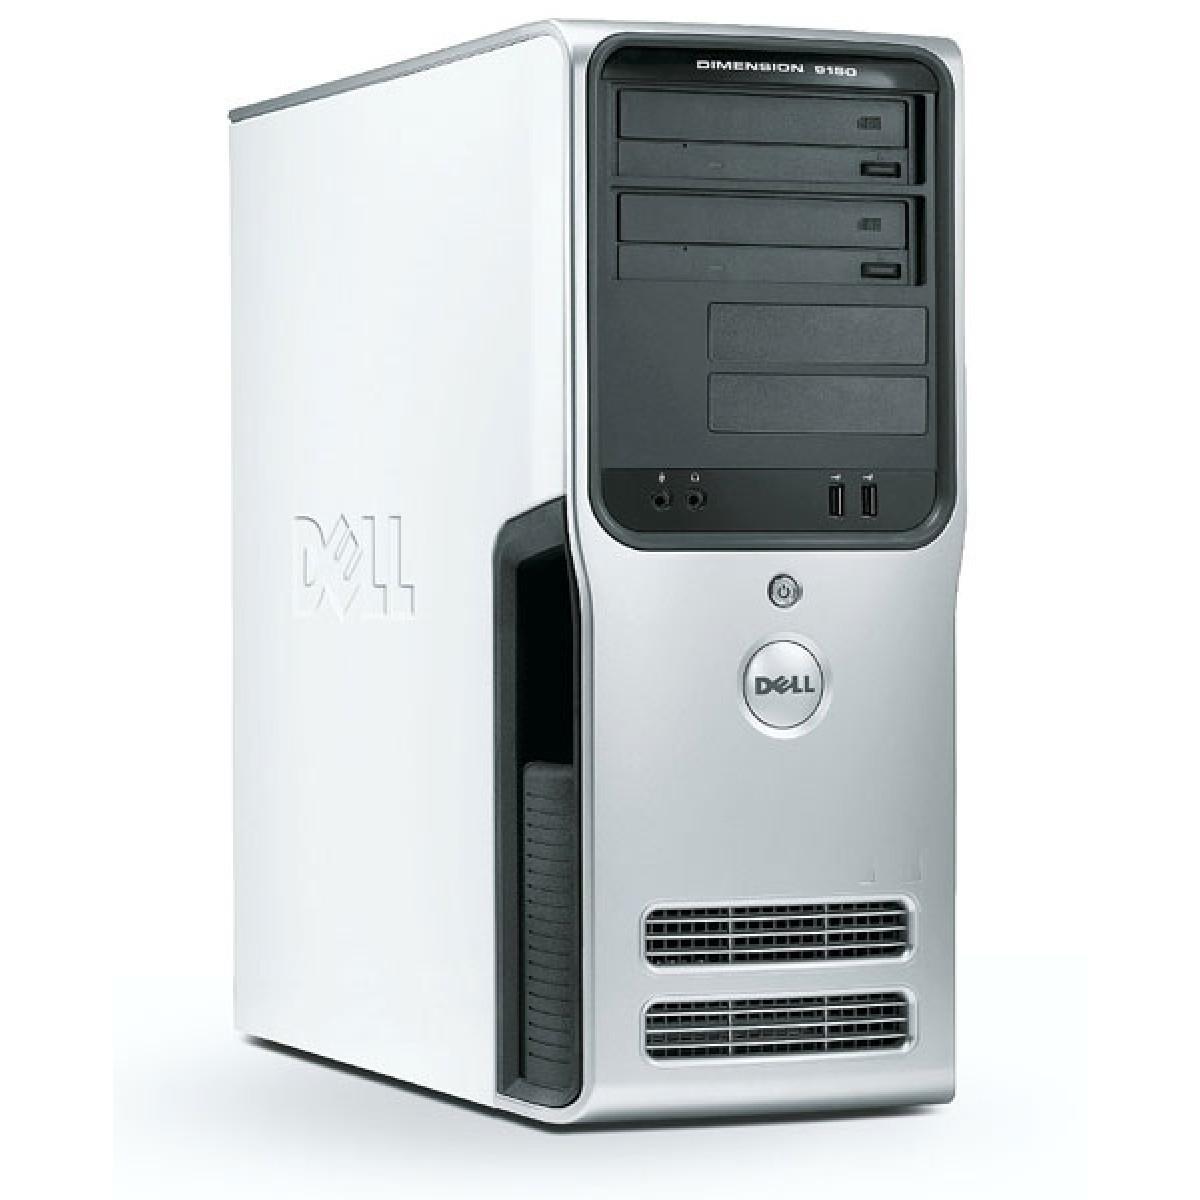 Dell-Dimension-E520